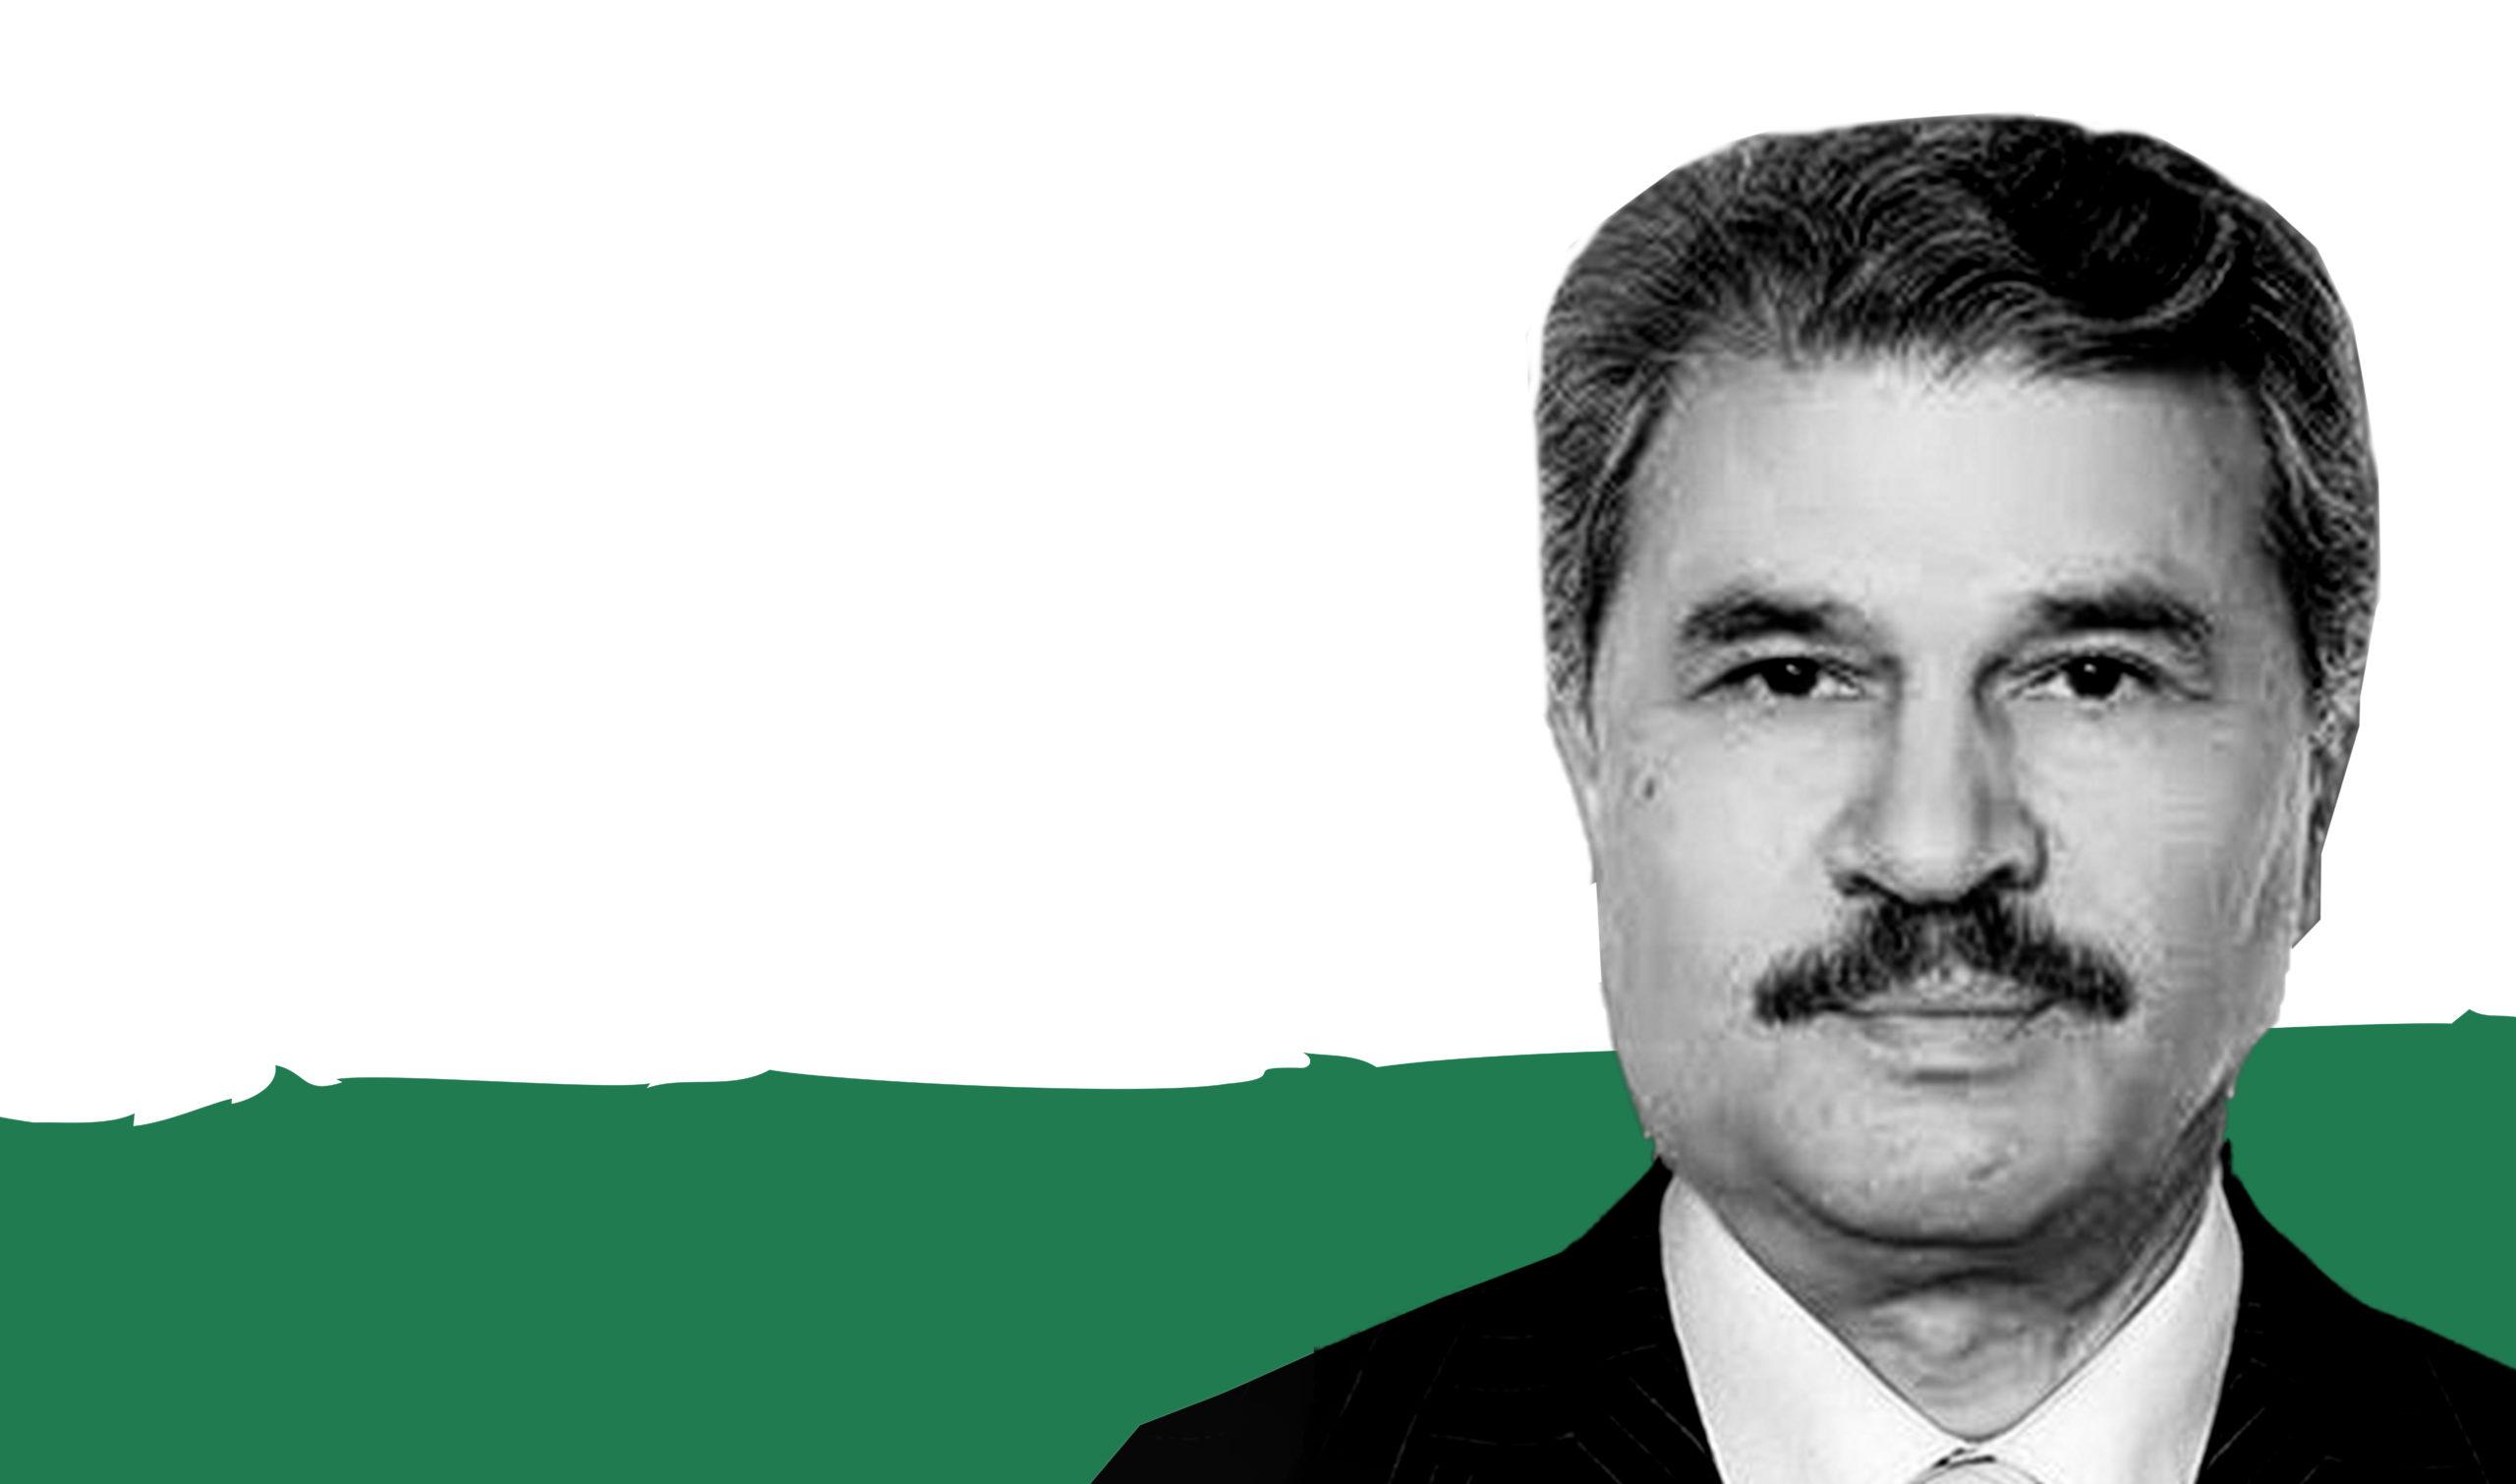 الباحث والمعارض السوري محمود حمزة